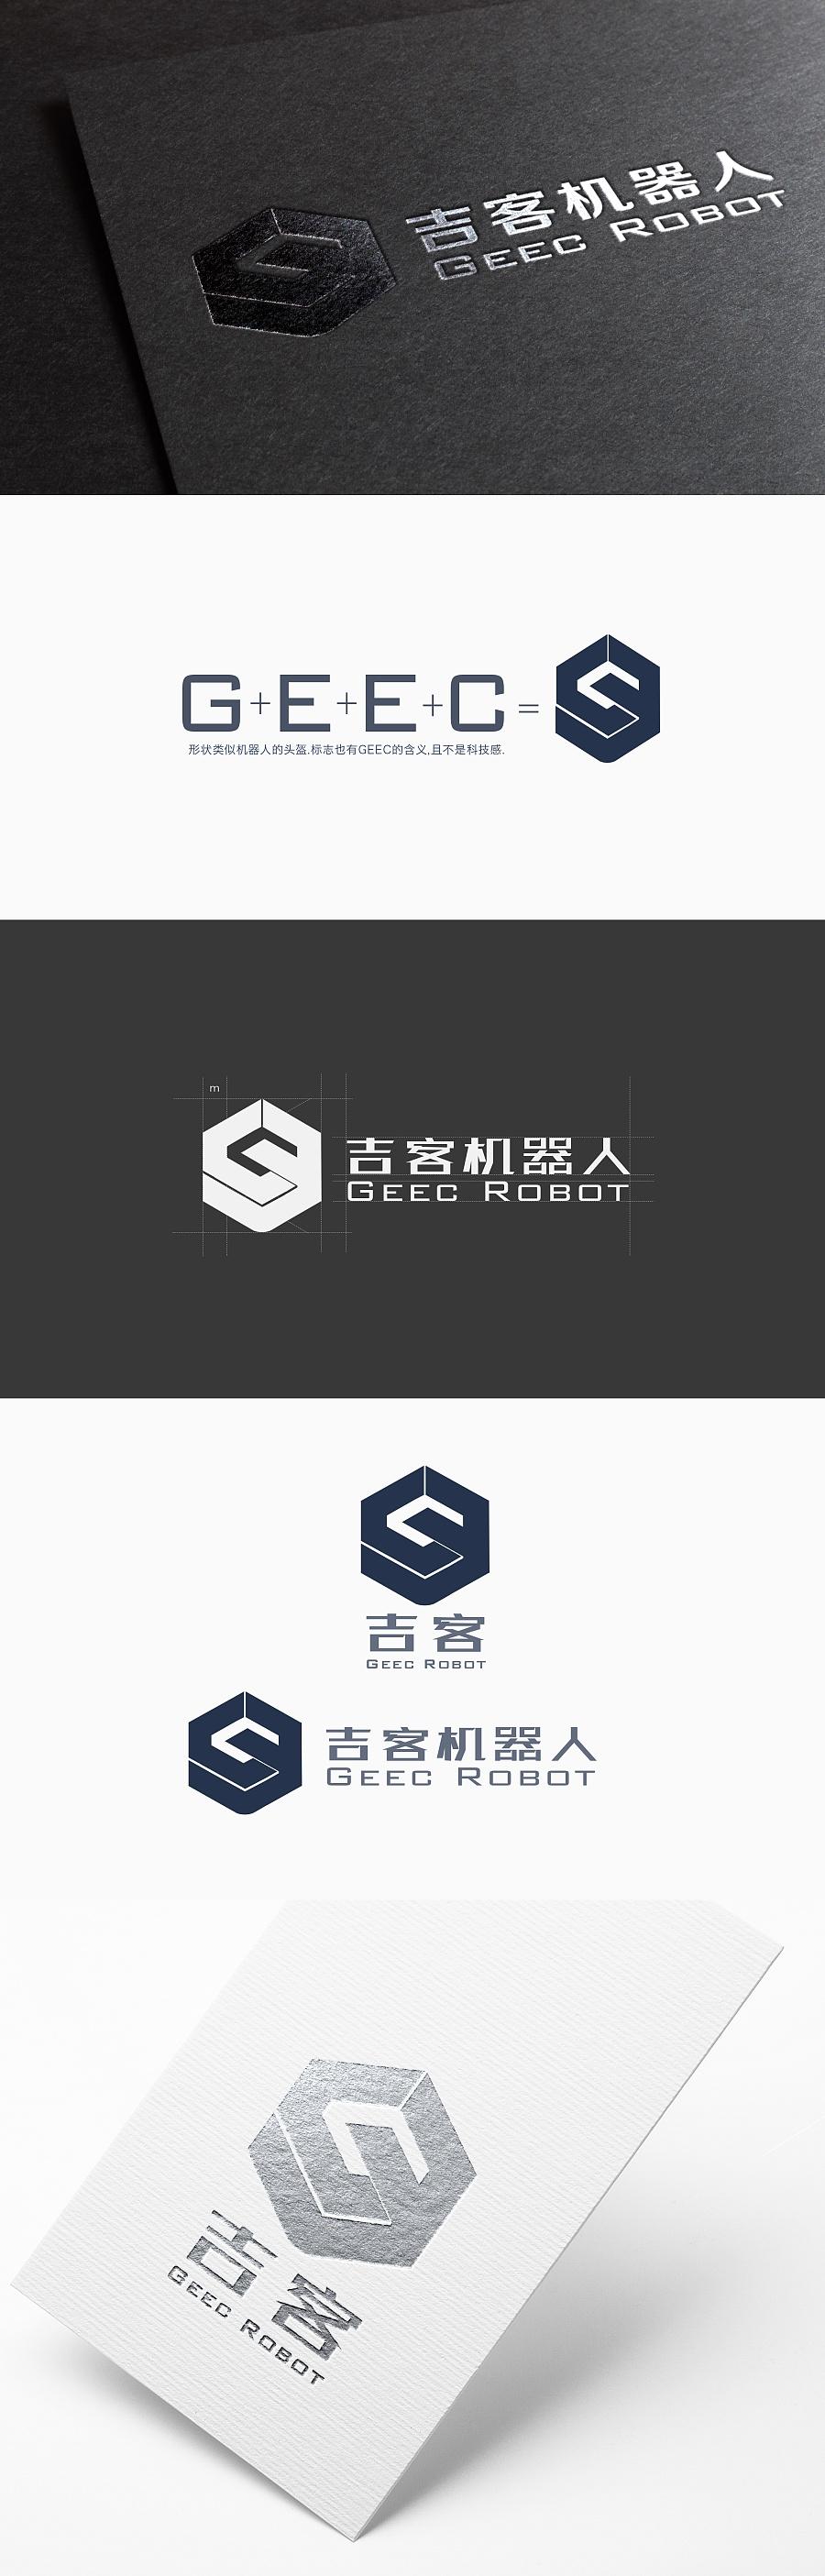 机器人公司logo设计展示